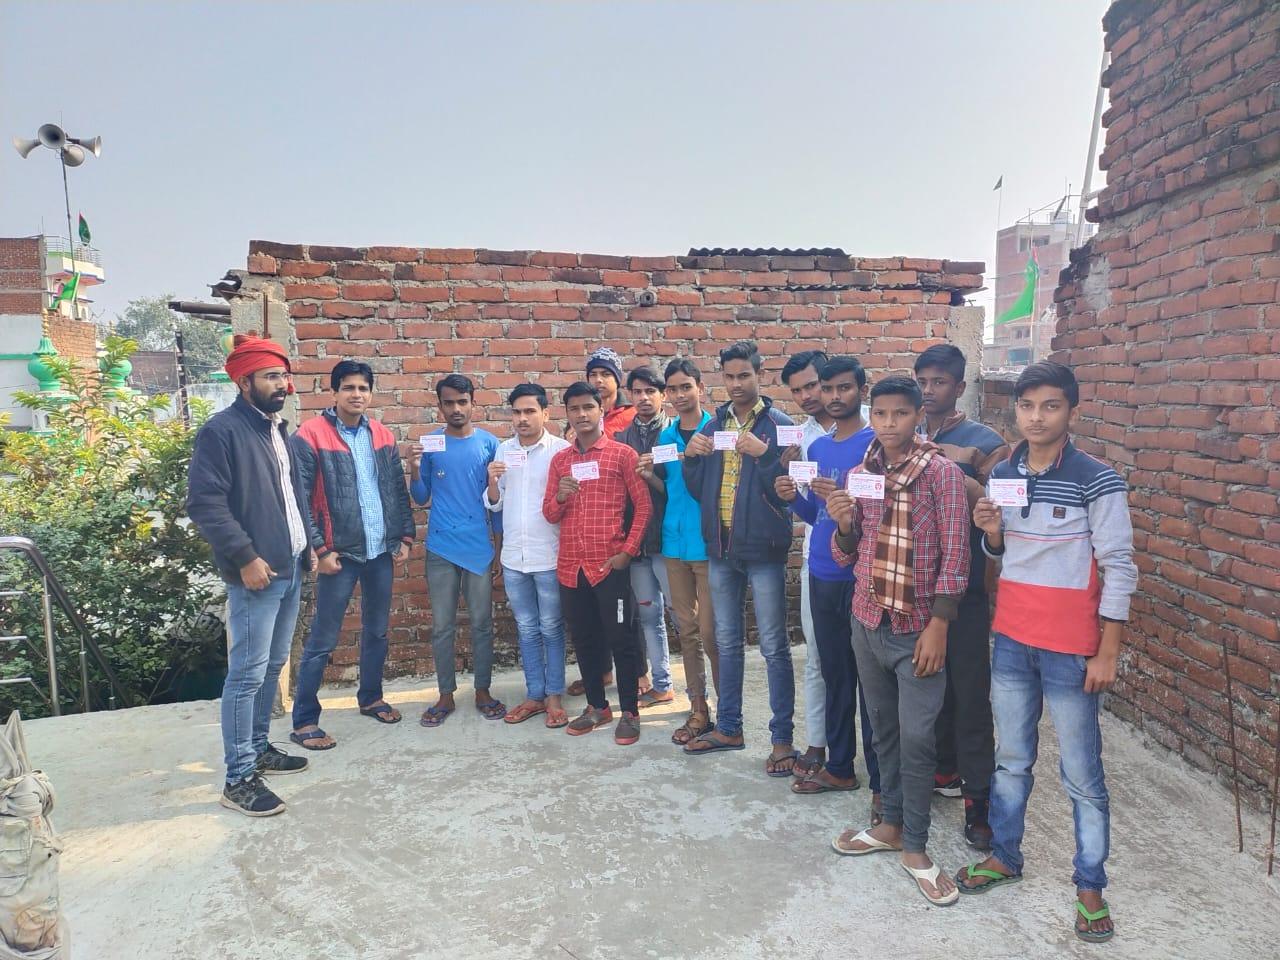 आइसा शिक्षा, रोजगार व न्याय के लिए लड़ने वाला एकमात्र छात्र संगठन है: शाहनवाज